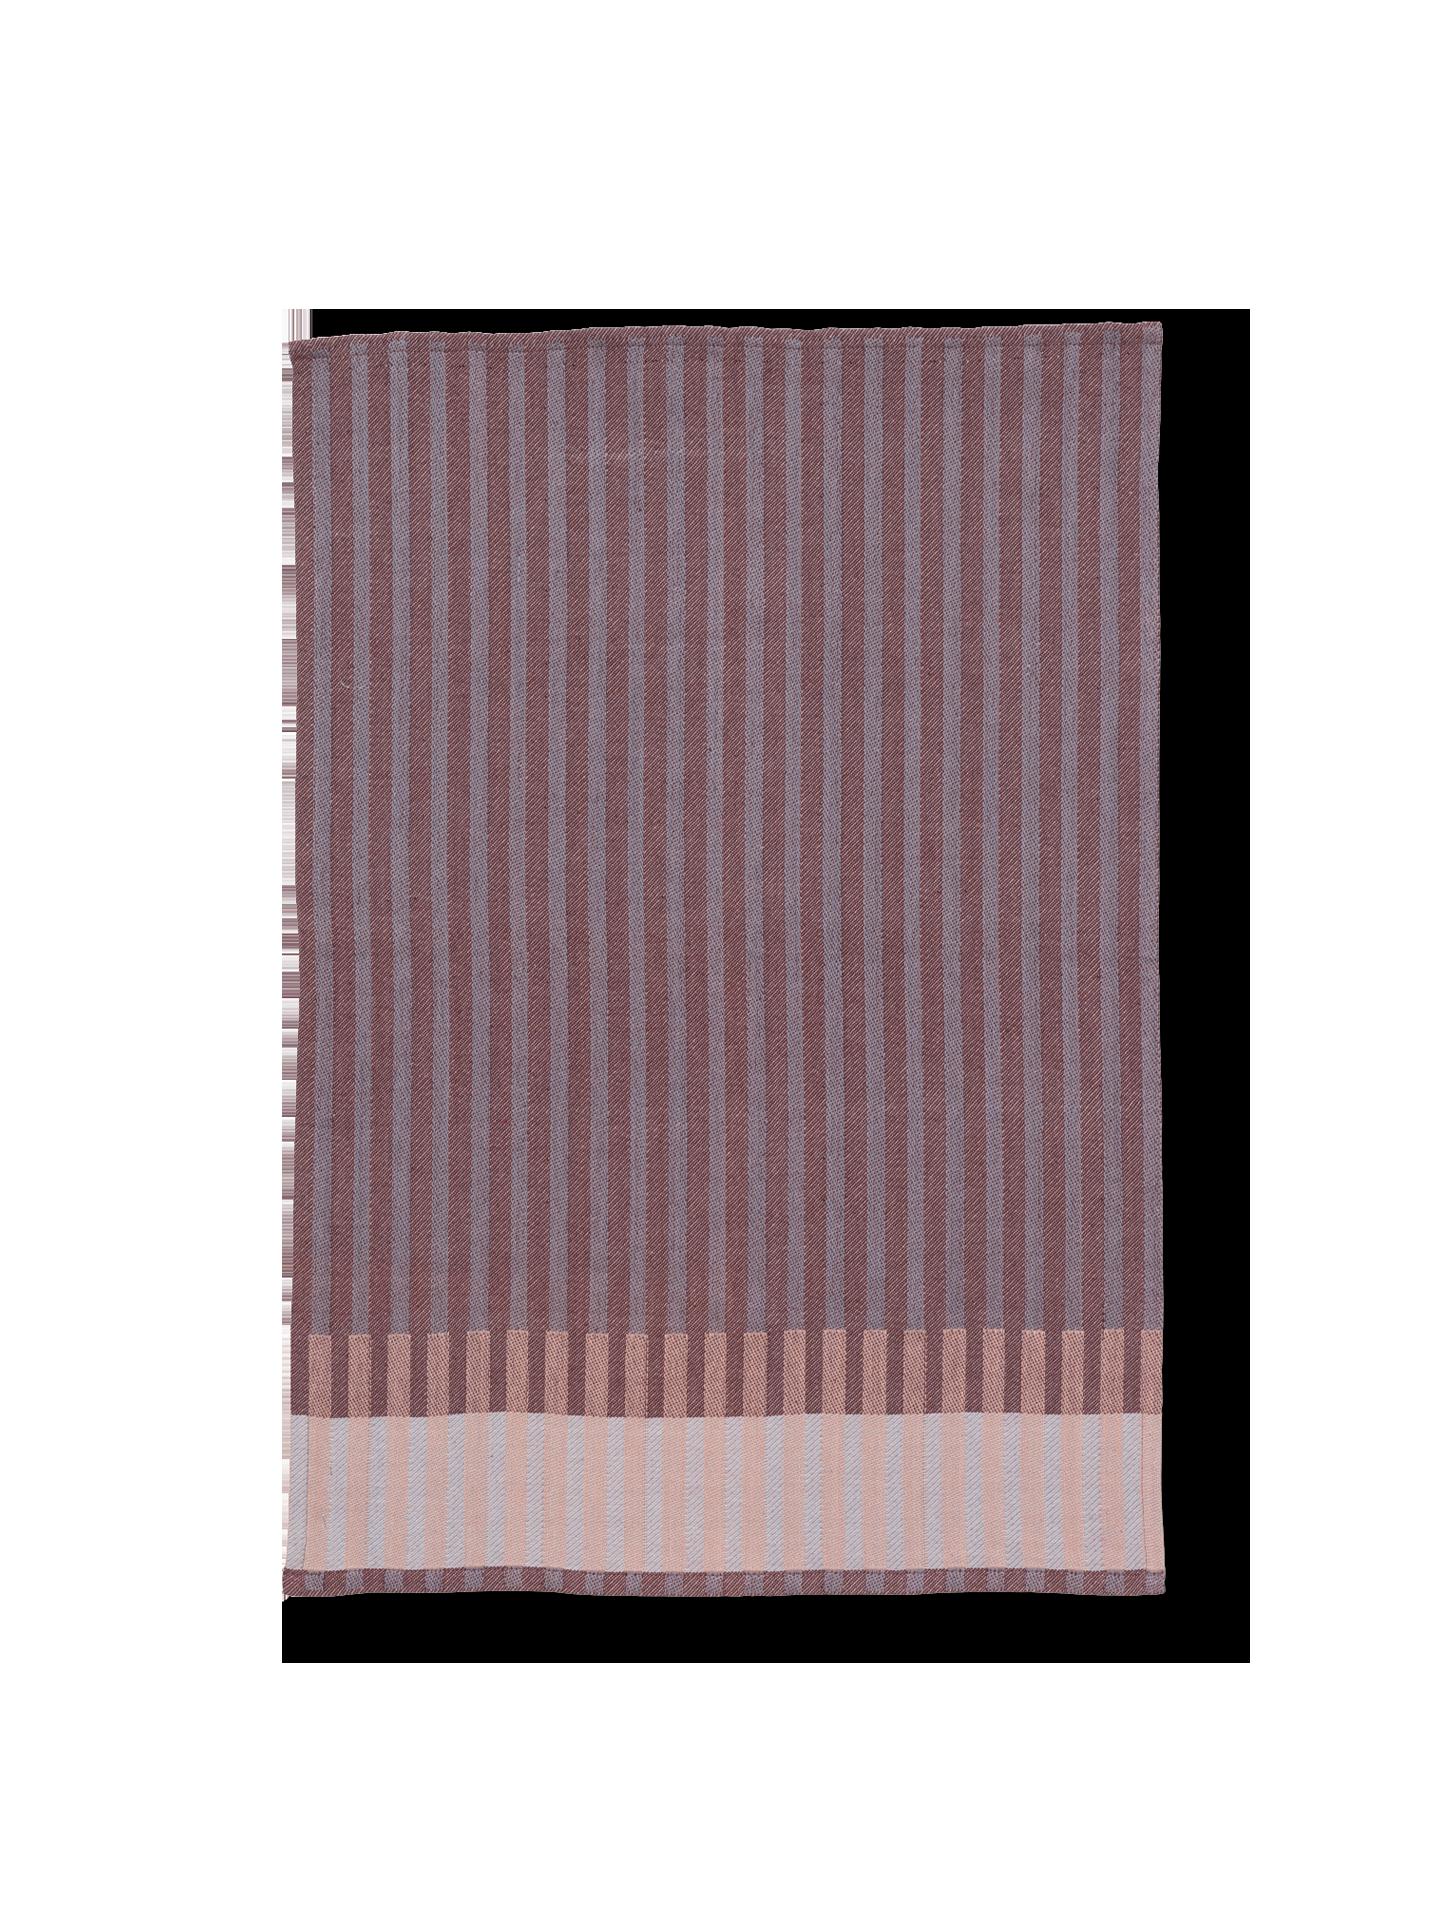 Ferm Living Grain Tea towel